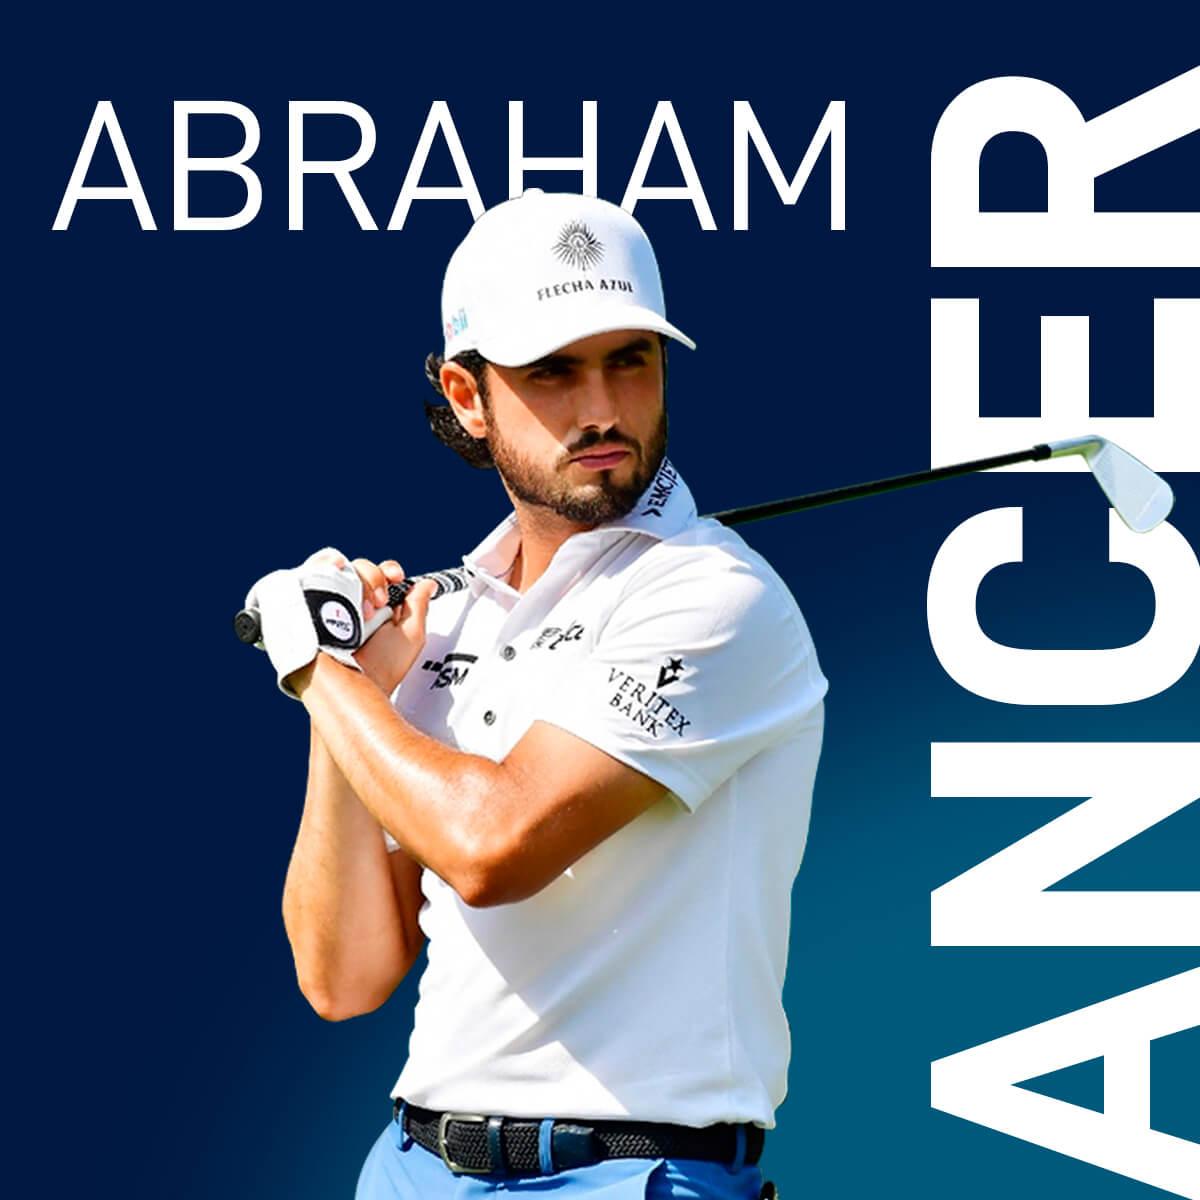 Abraham Ancer